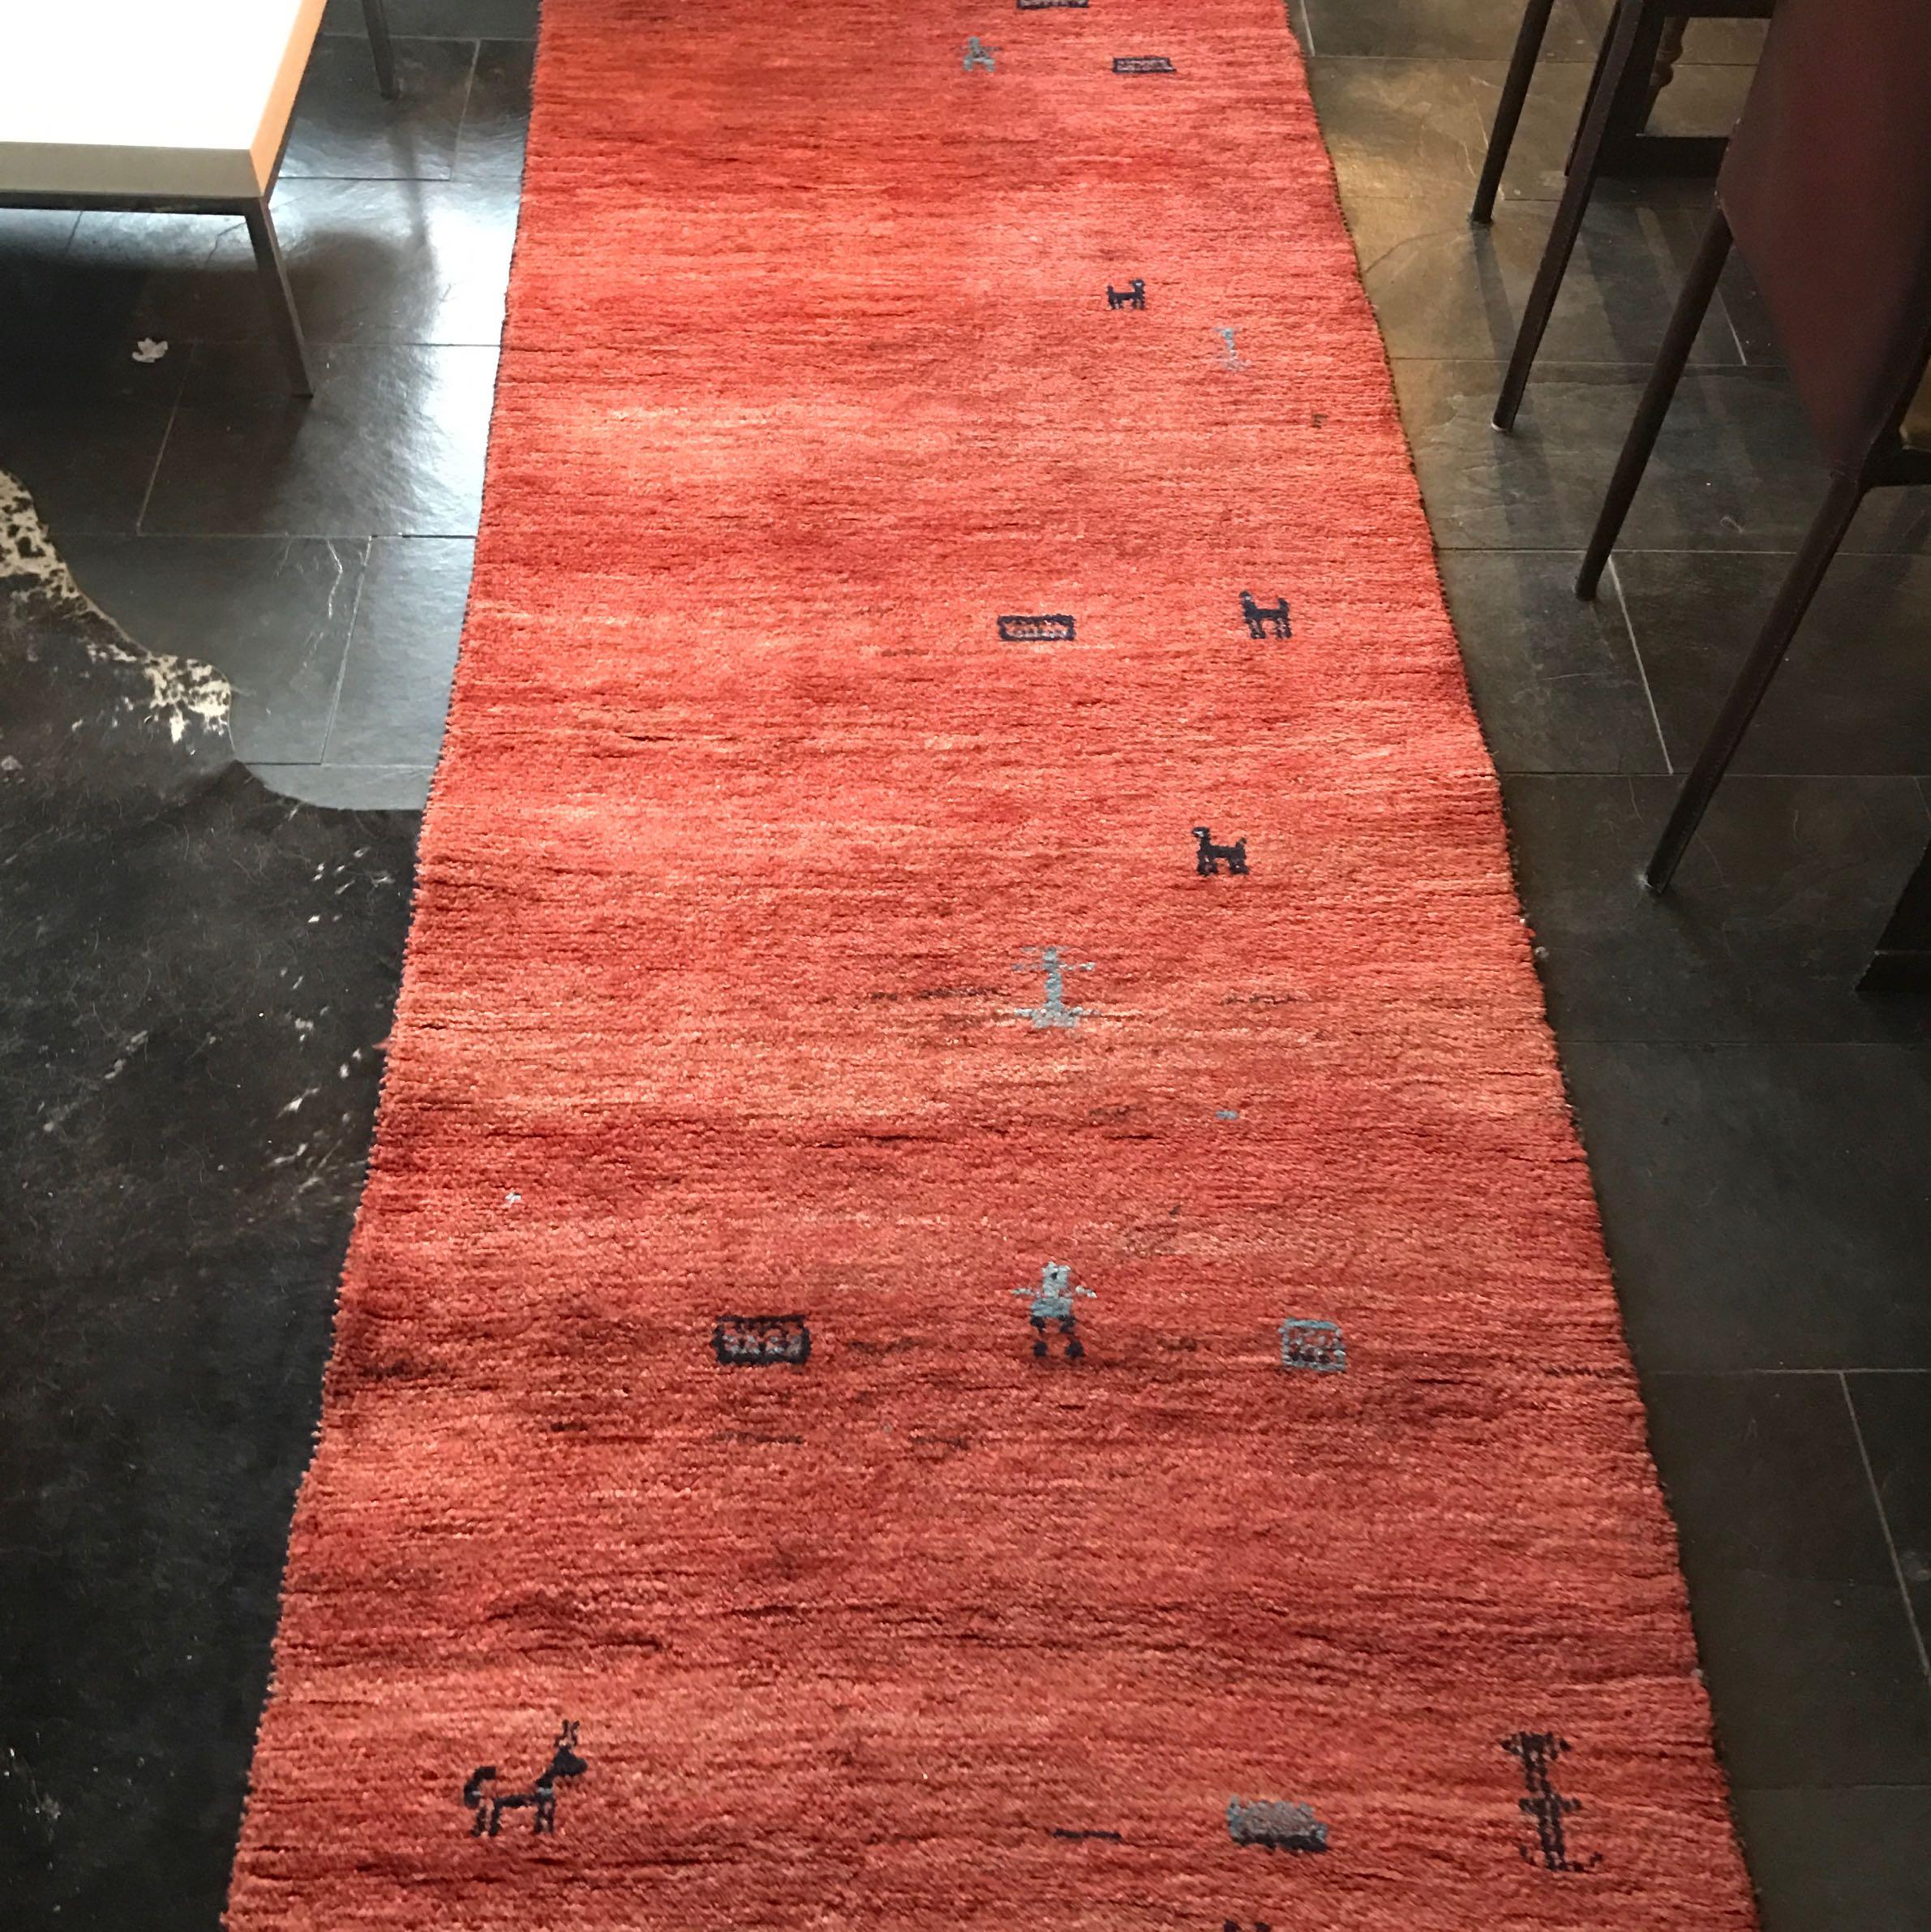 wie viel könnte dieser teppich wert sein? (dekoration, antiquitäten